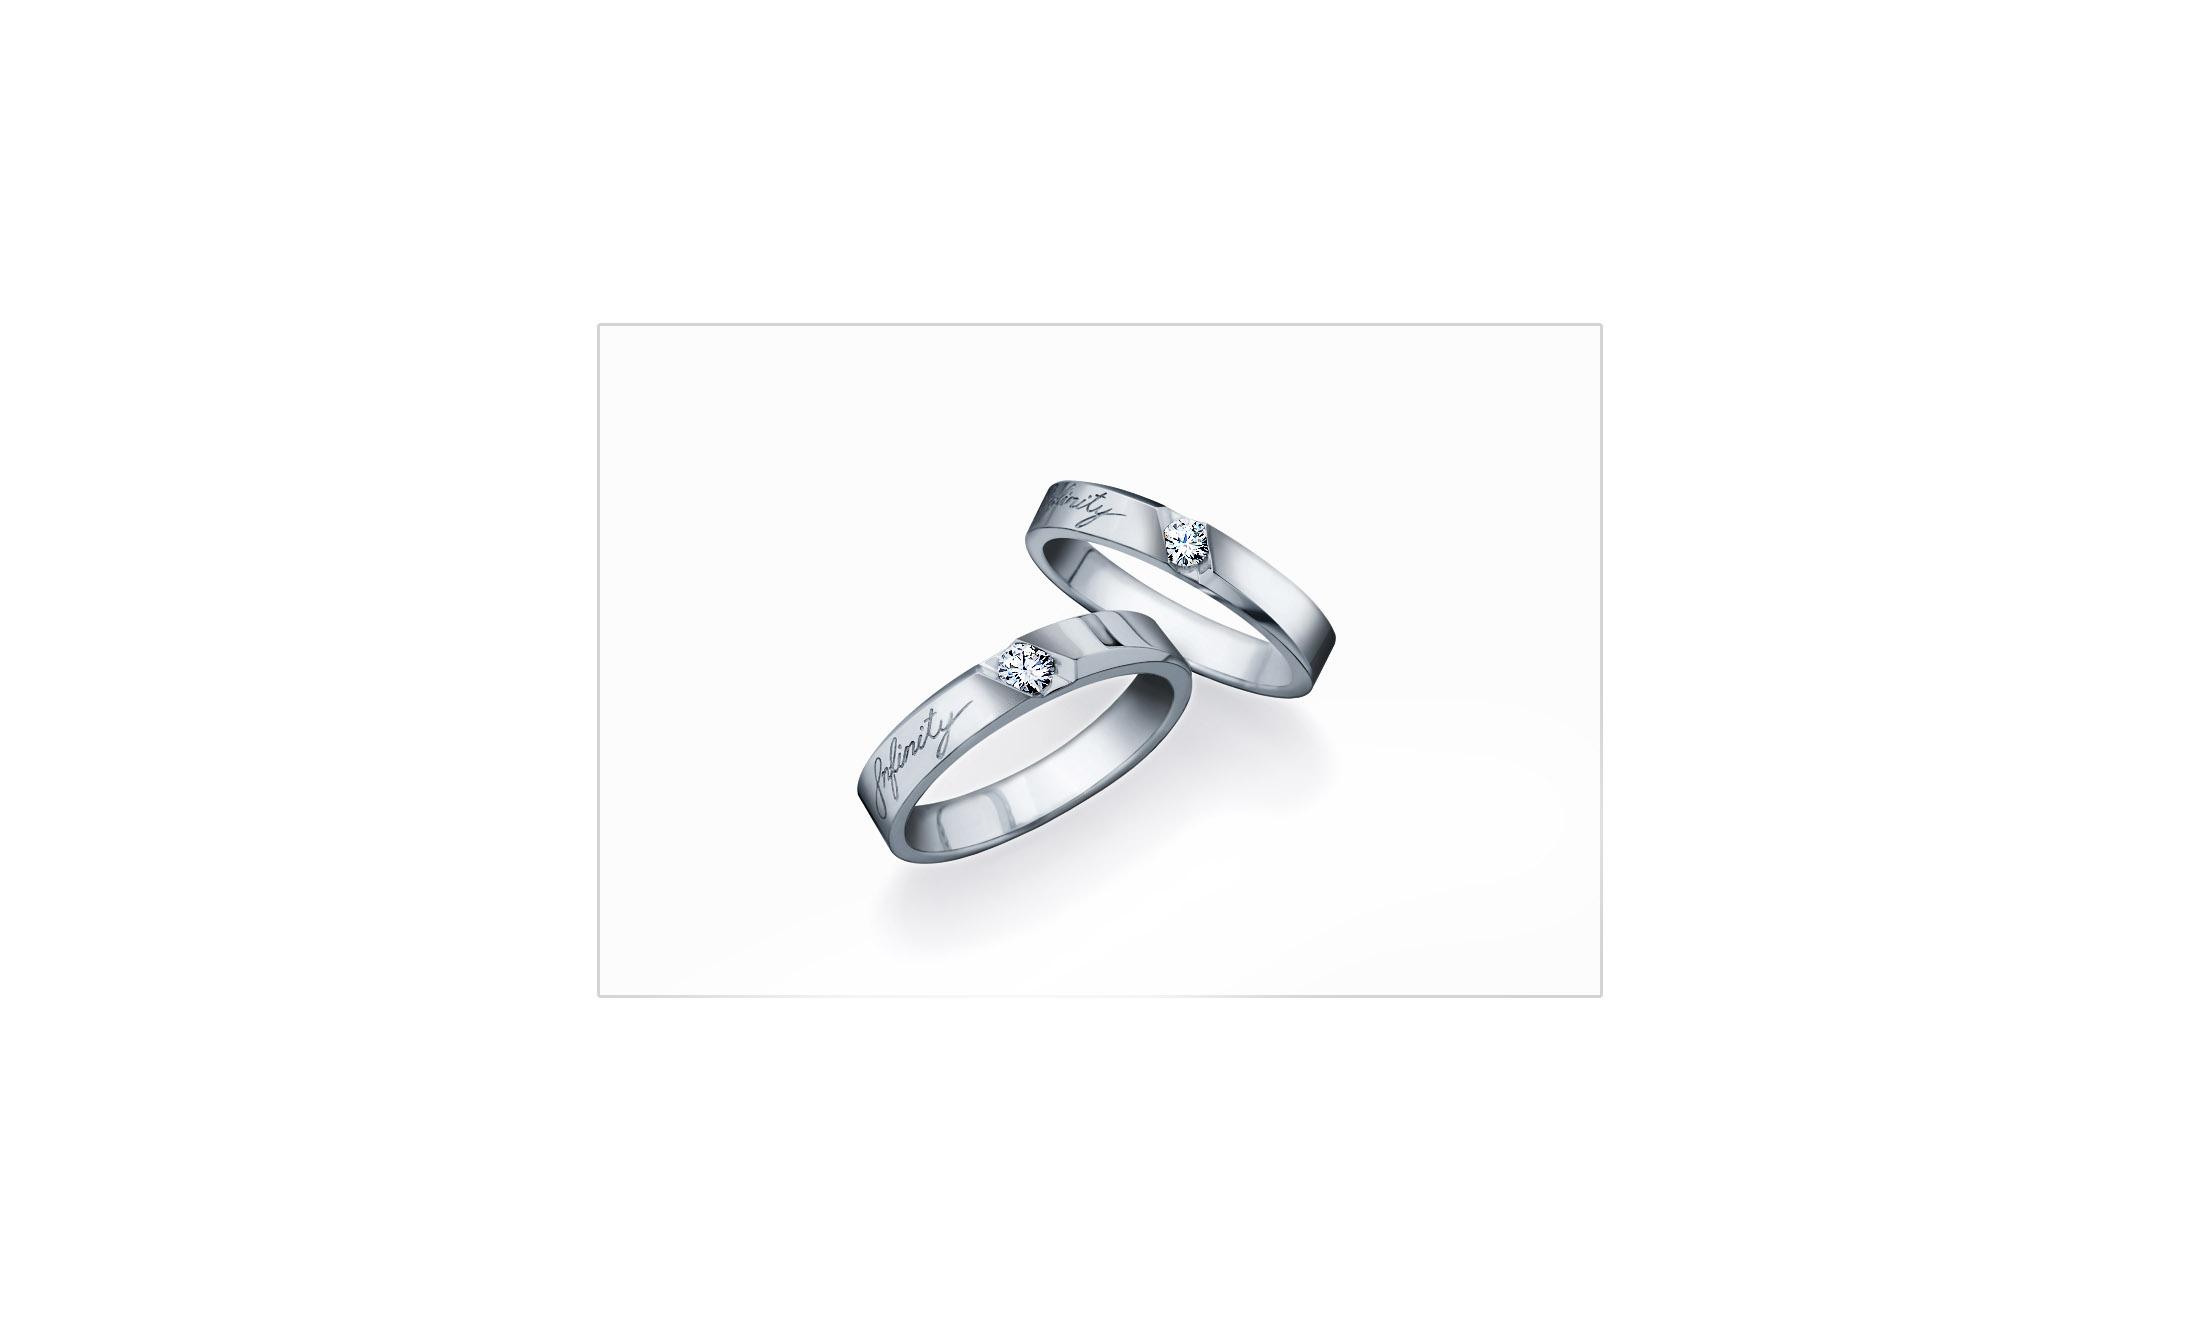 2 Infinity rings